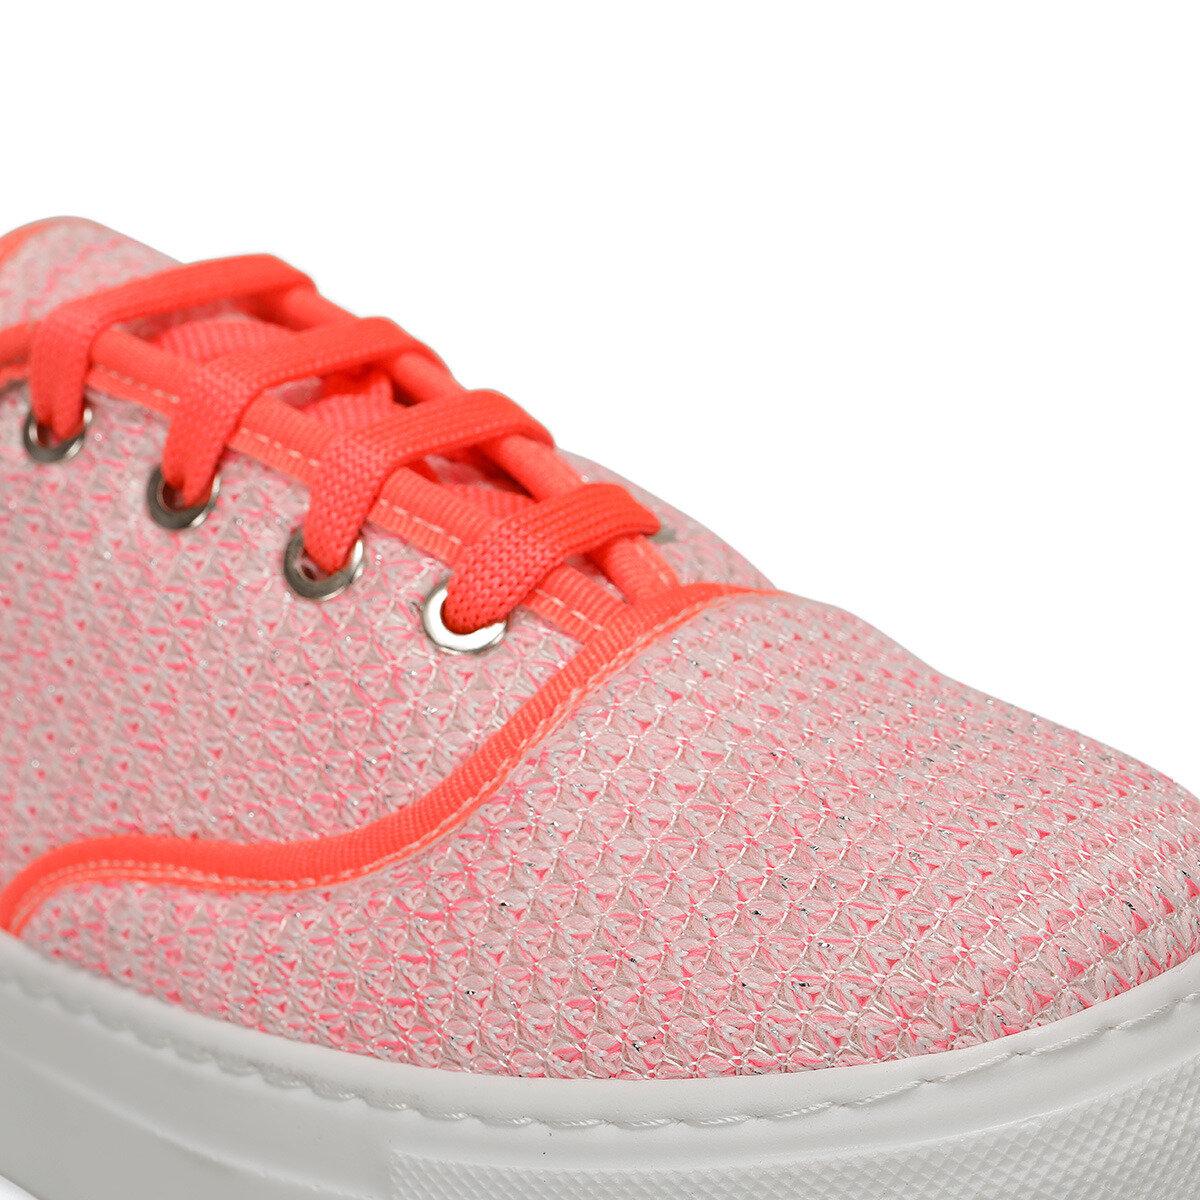 FALICIA Pembe Kadın Spor Ayakkabı